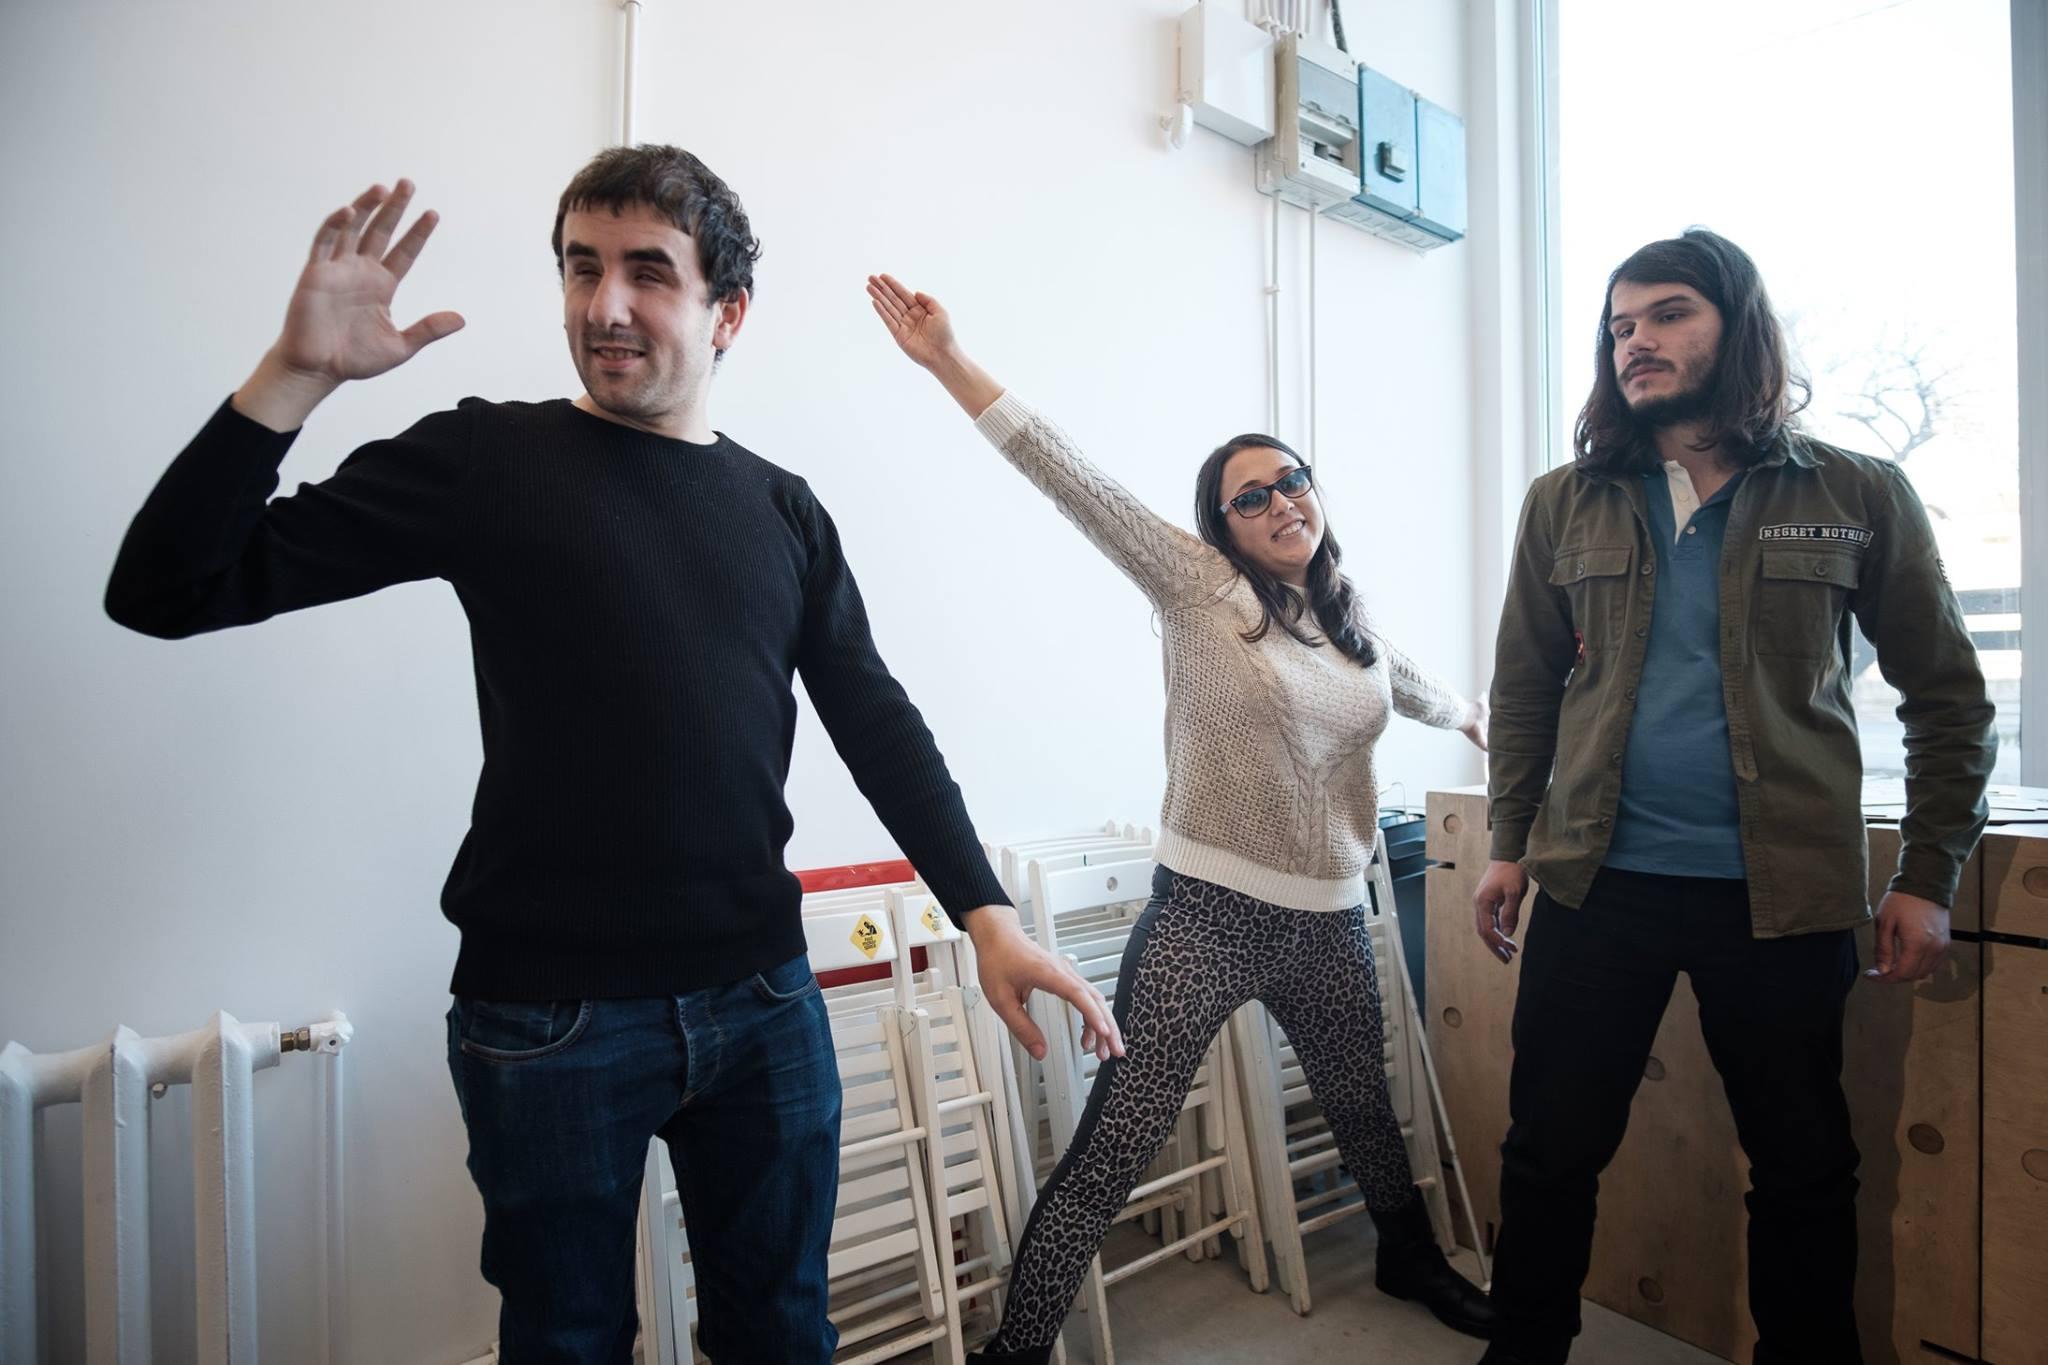 Descriere foto: 3 participanti isi arata pozitiile de supereroi.